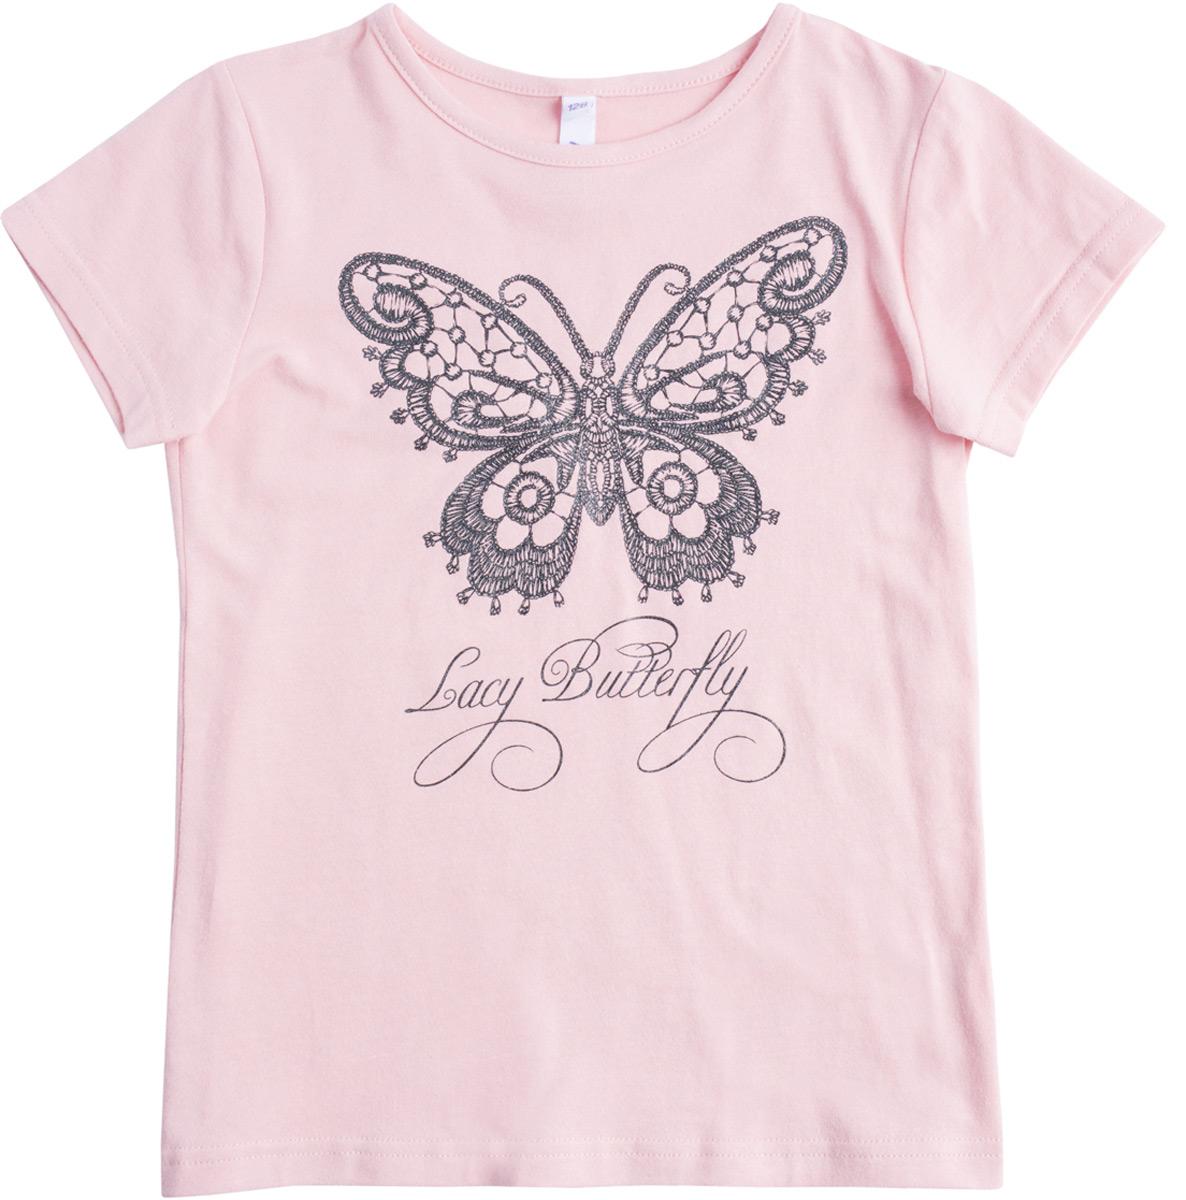 Футболка для девочки PlayToday, цвет: светло-розовый. 182114. Размер 110182114Футболка выполнена из натуральной хлопковой ткани. Горловина оформлена мягкой трикотажной резинкой. В качестве декора использован яркий глиттерный принт с эффектом вышивки.